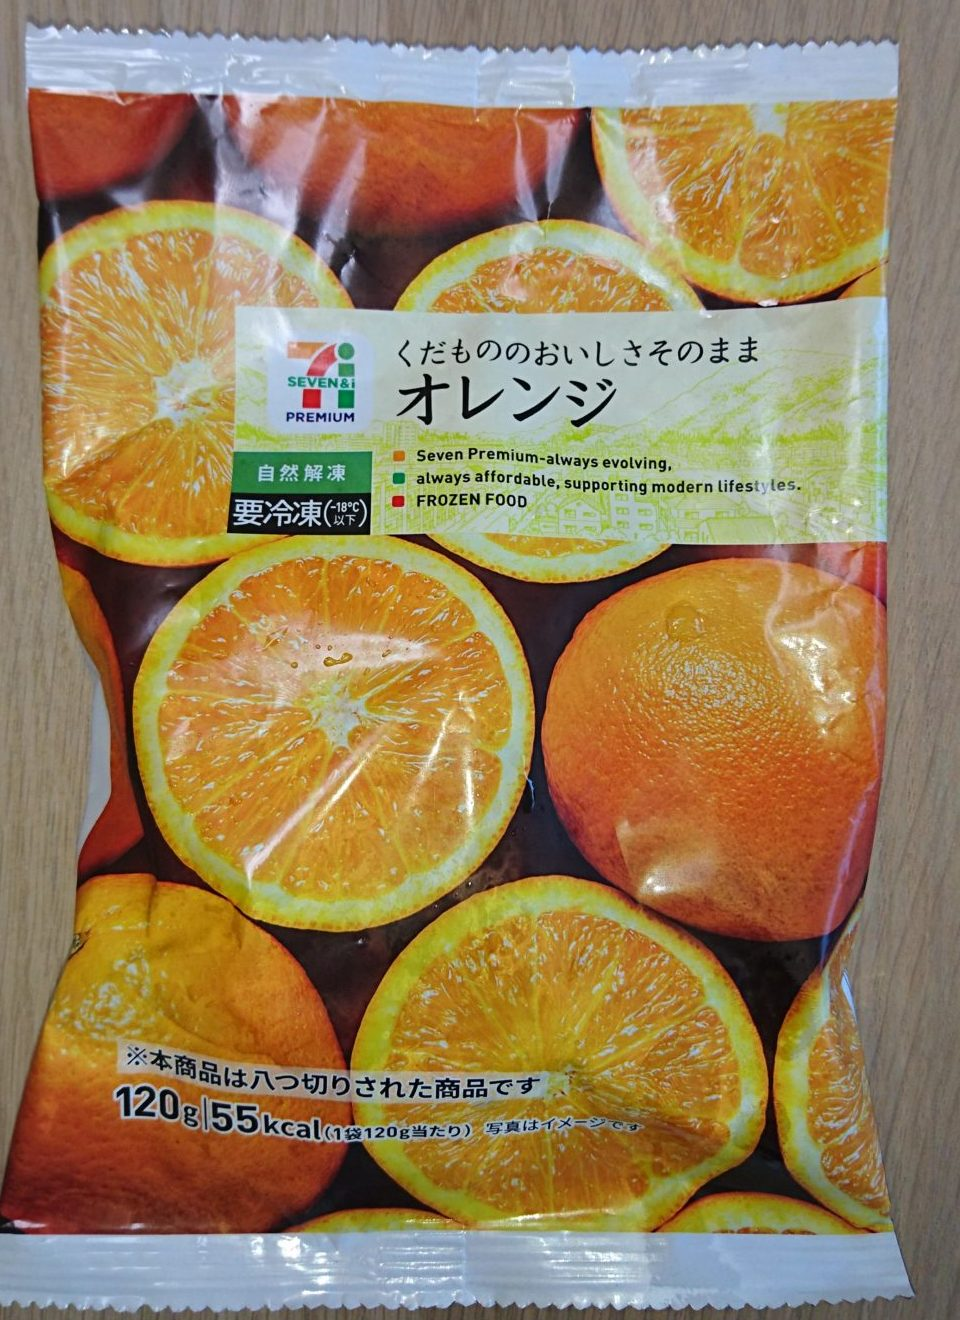 オレンジ:セブンプレミアム